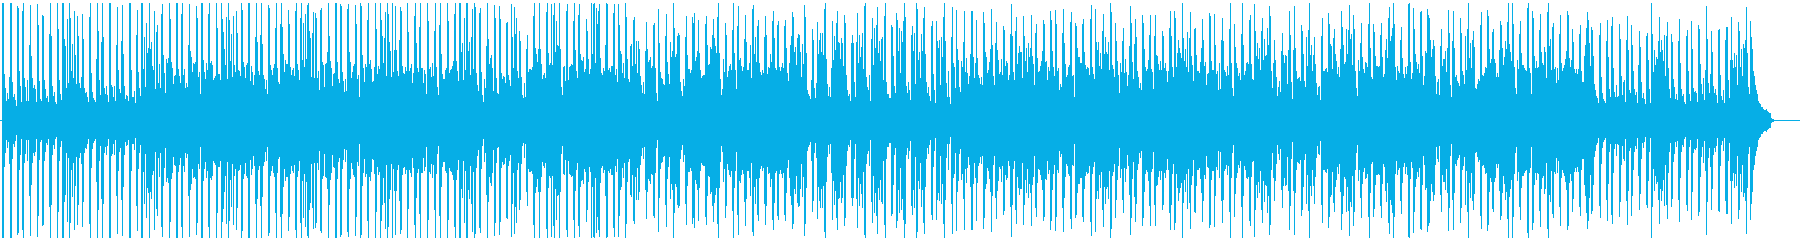 ほのぼの日常BGM バイオリン有りの再生済みの波形